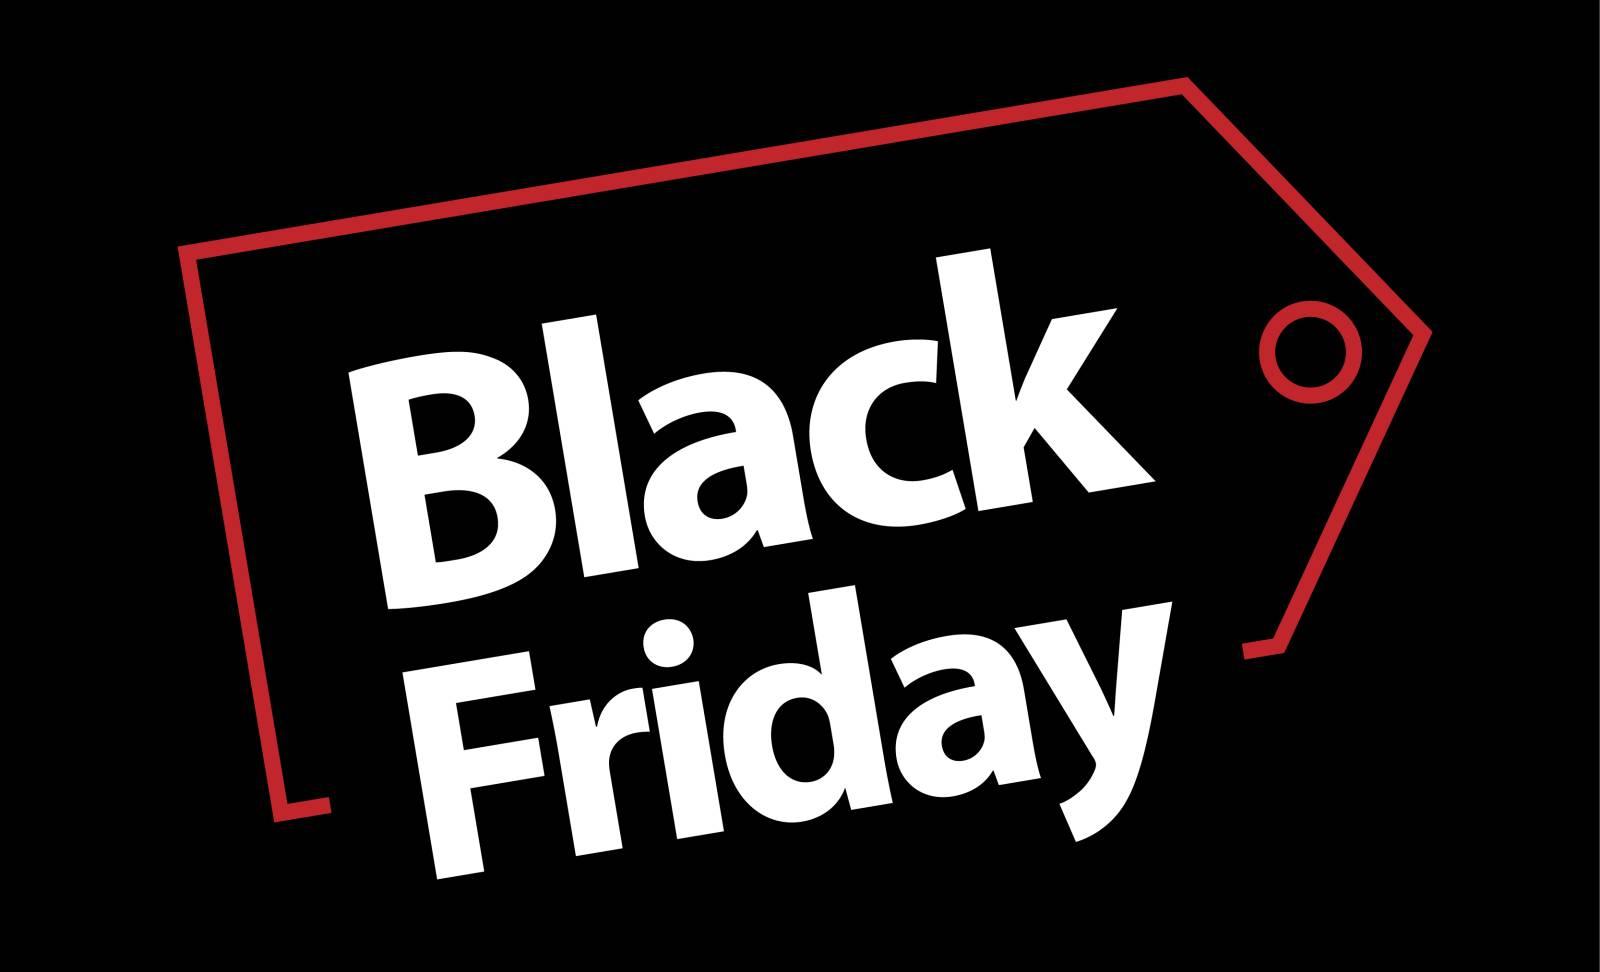 Black Friday 2019 AVERTIZARE ANPC